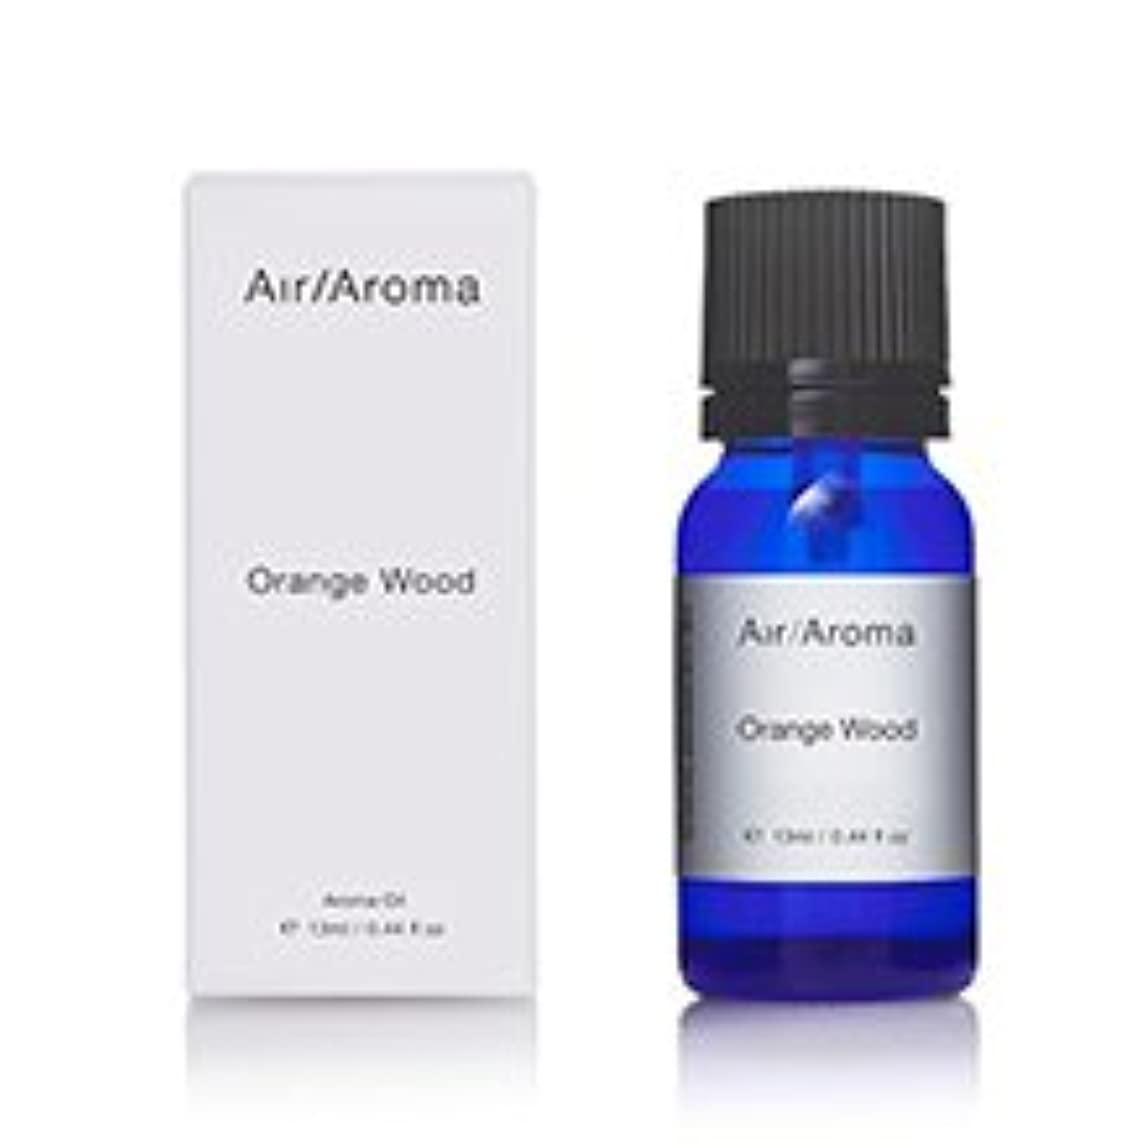 セメントスケルトン信頼エアアロマ orange wood(オレンジウッド)13ml